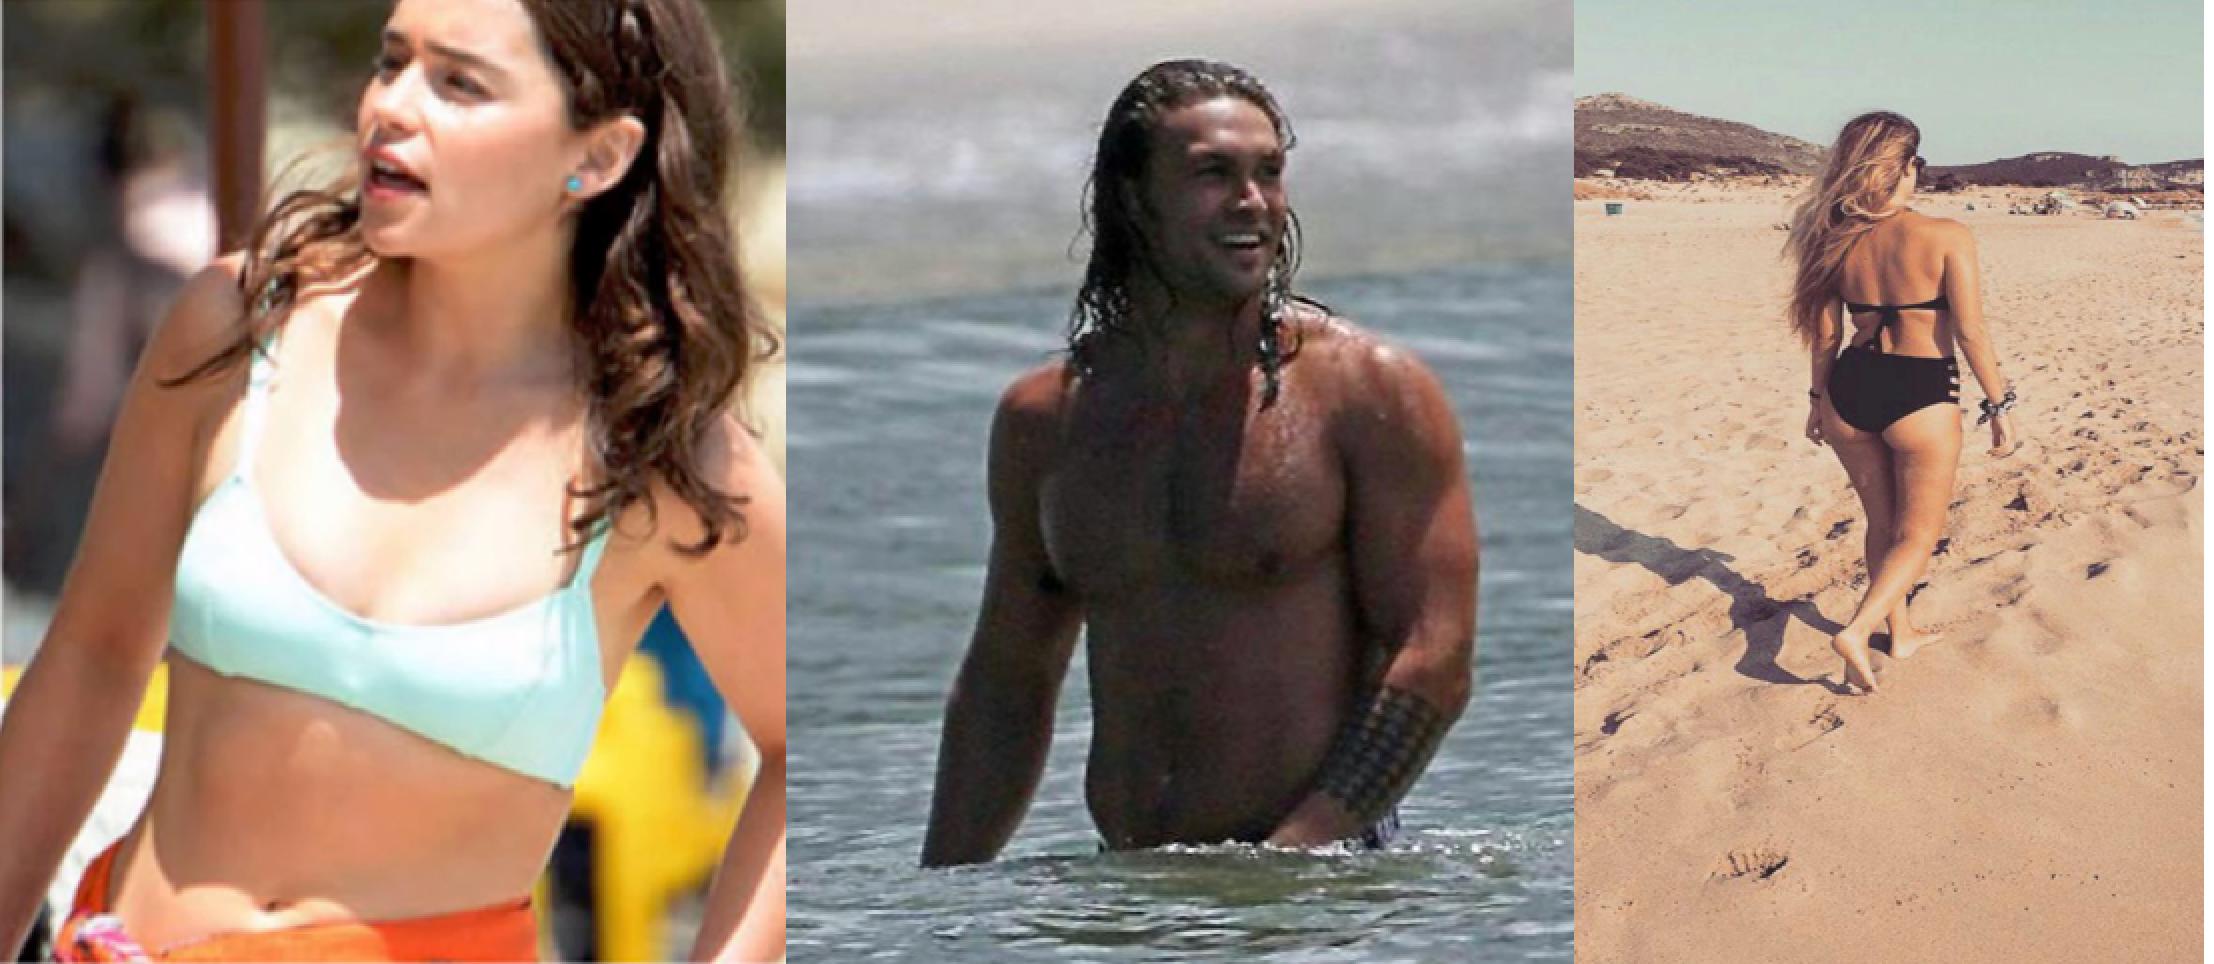 flirting games at the beach club 2017 cast